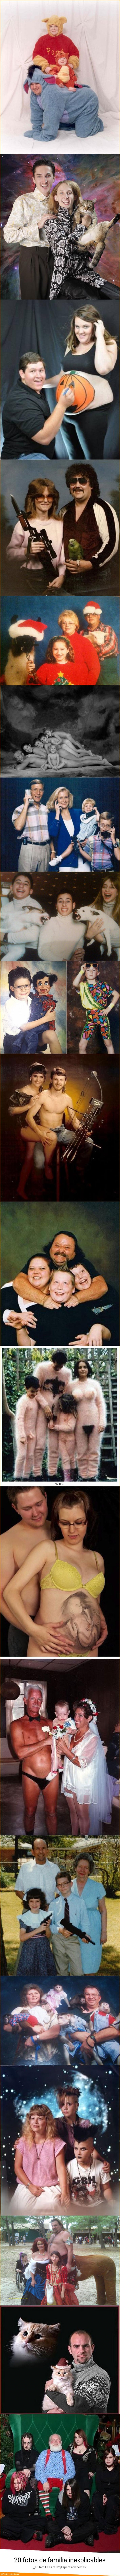 20 fotos de familia inexplicables